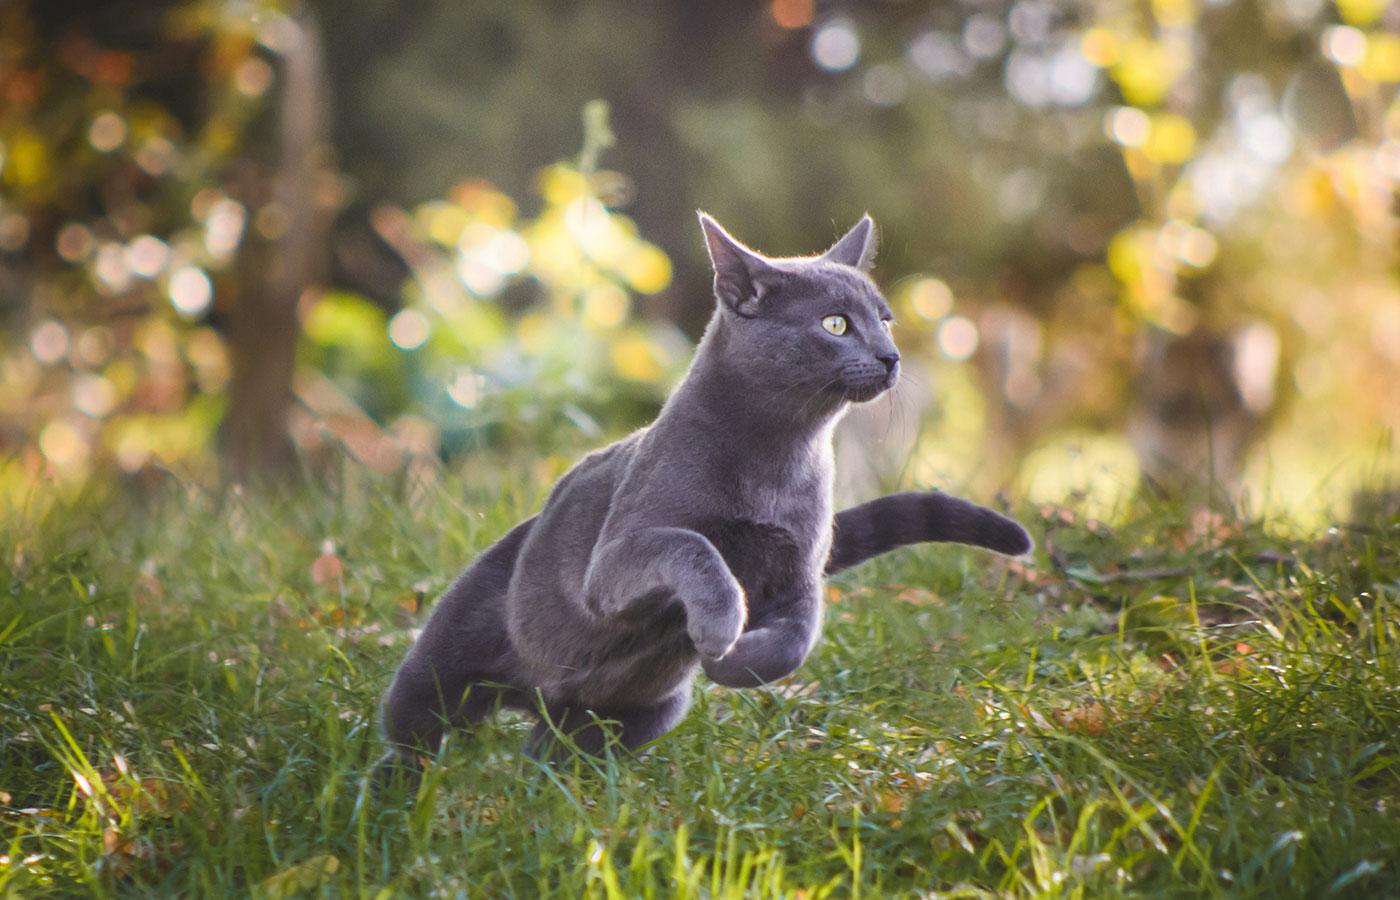 Cute blue russian cat running in nature